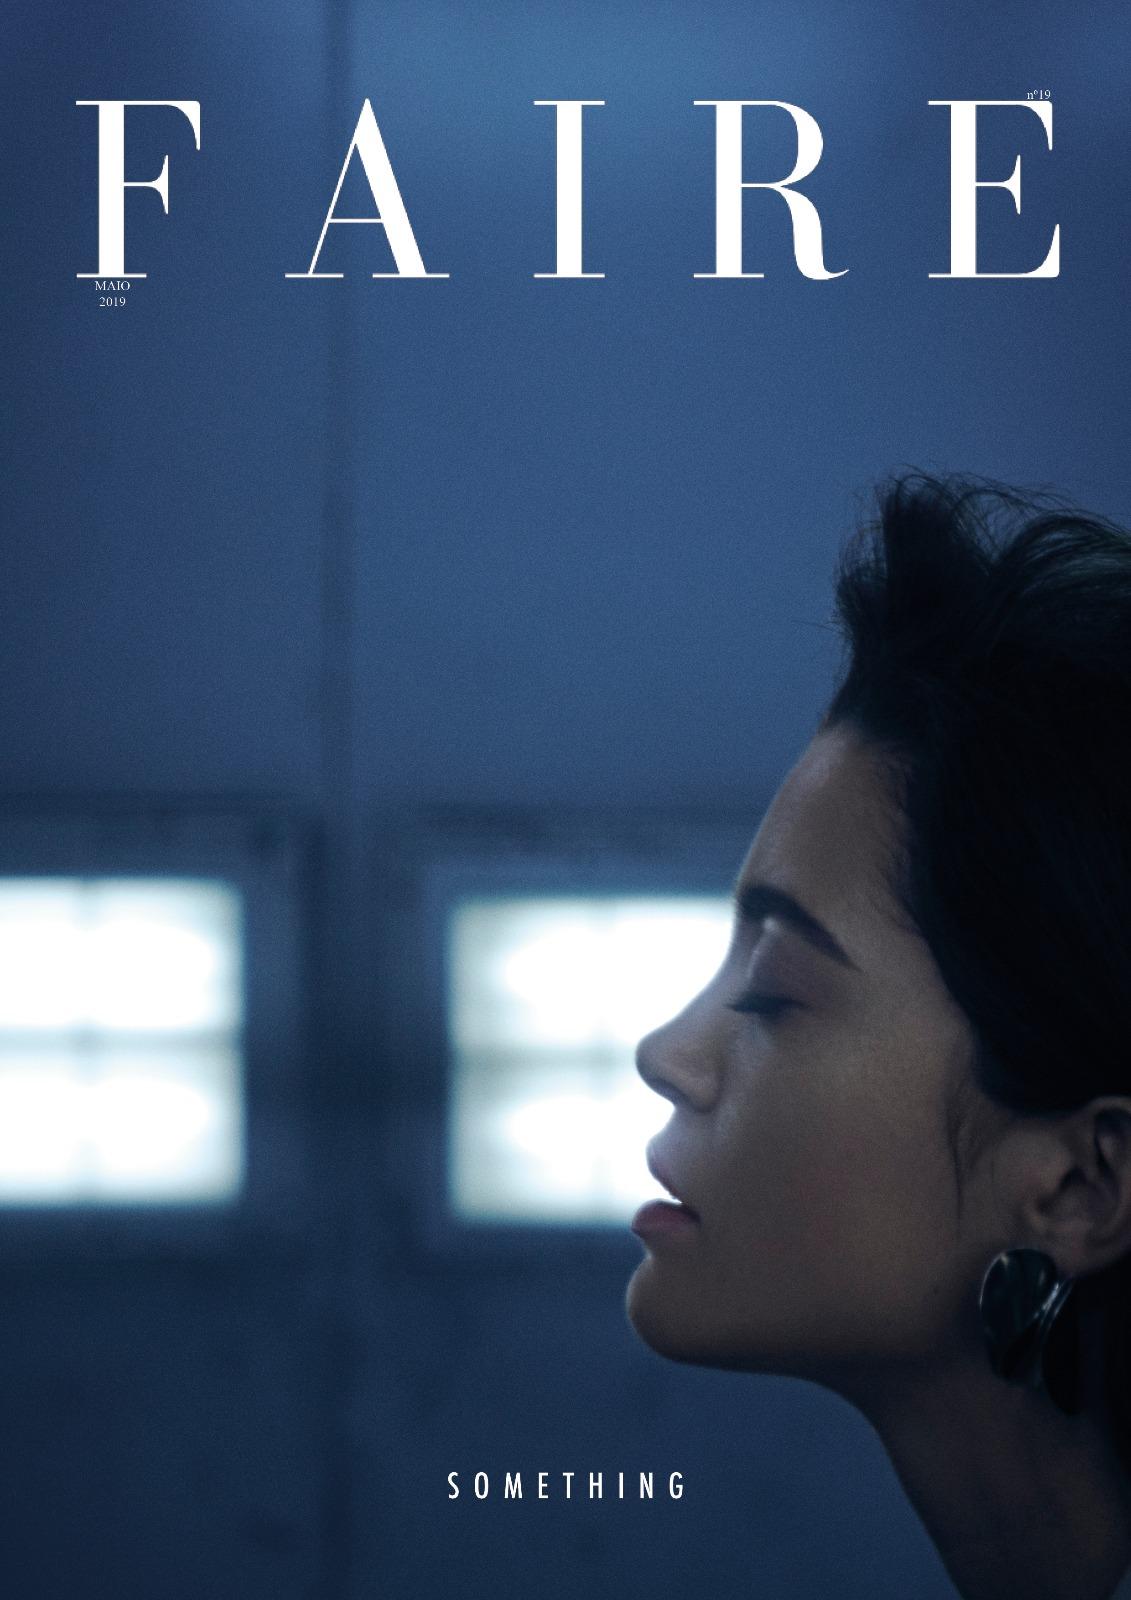 Faire Magazine 0